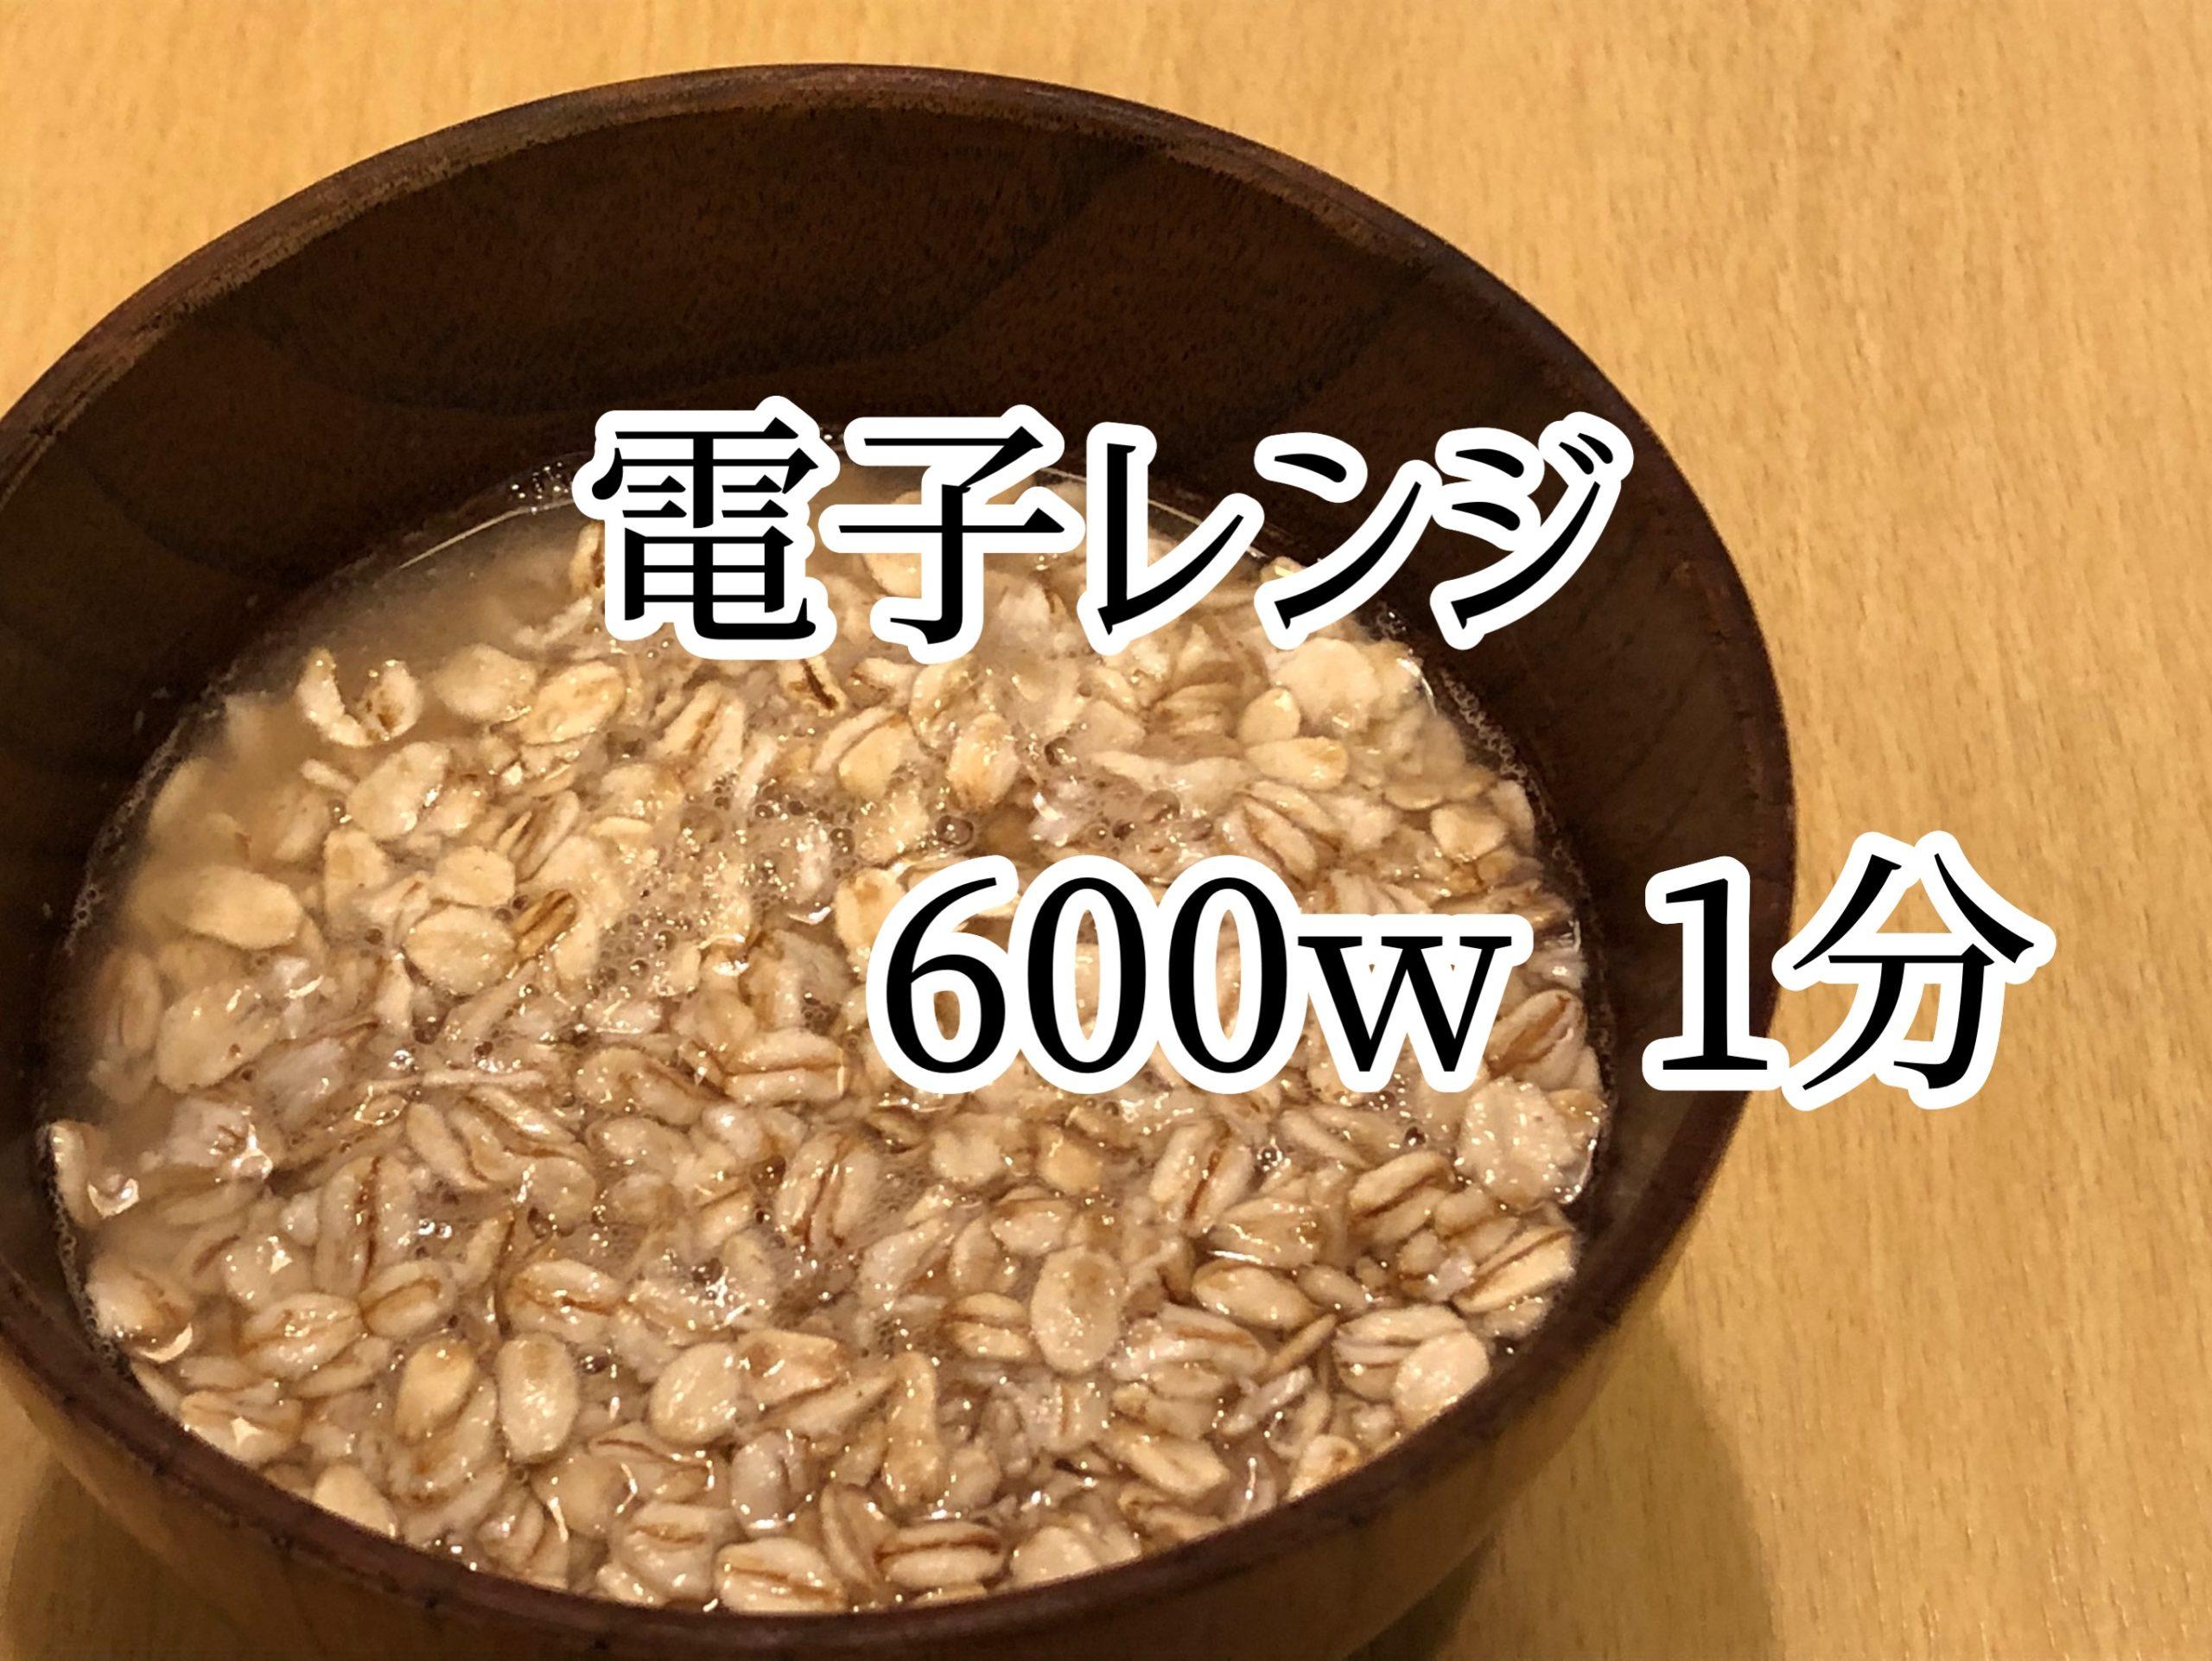 手順2:大きめのお椀にオートミール50gと水を加え、600w 1分で電子レンジにかける。